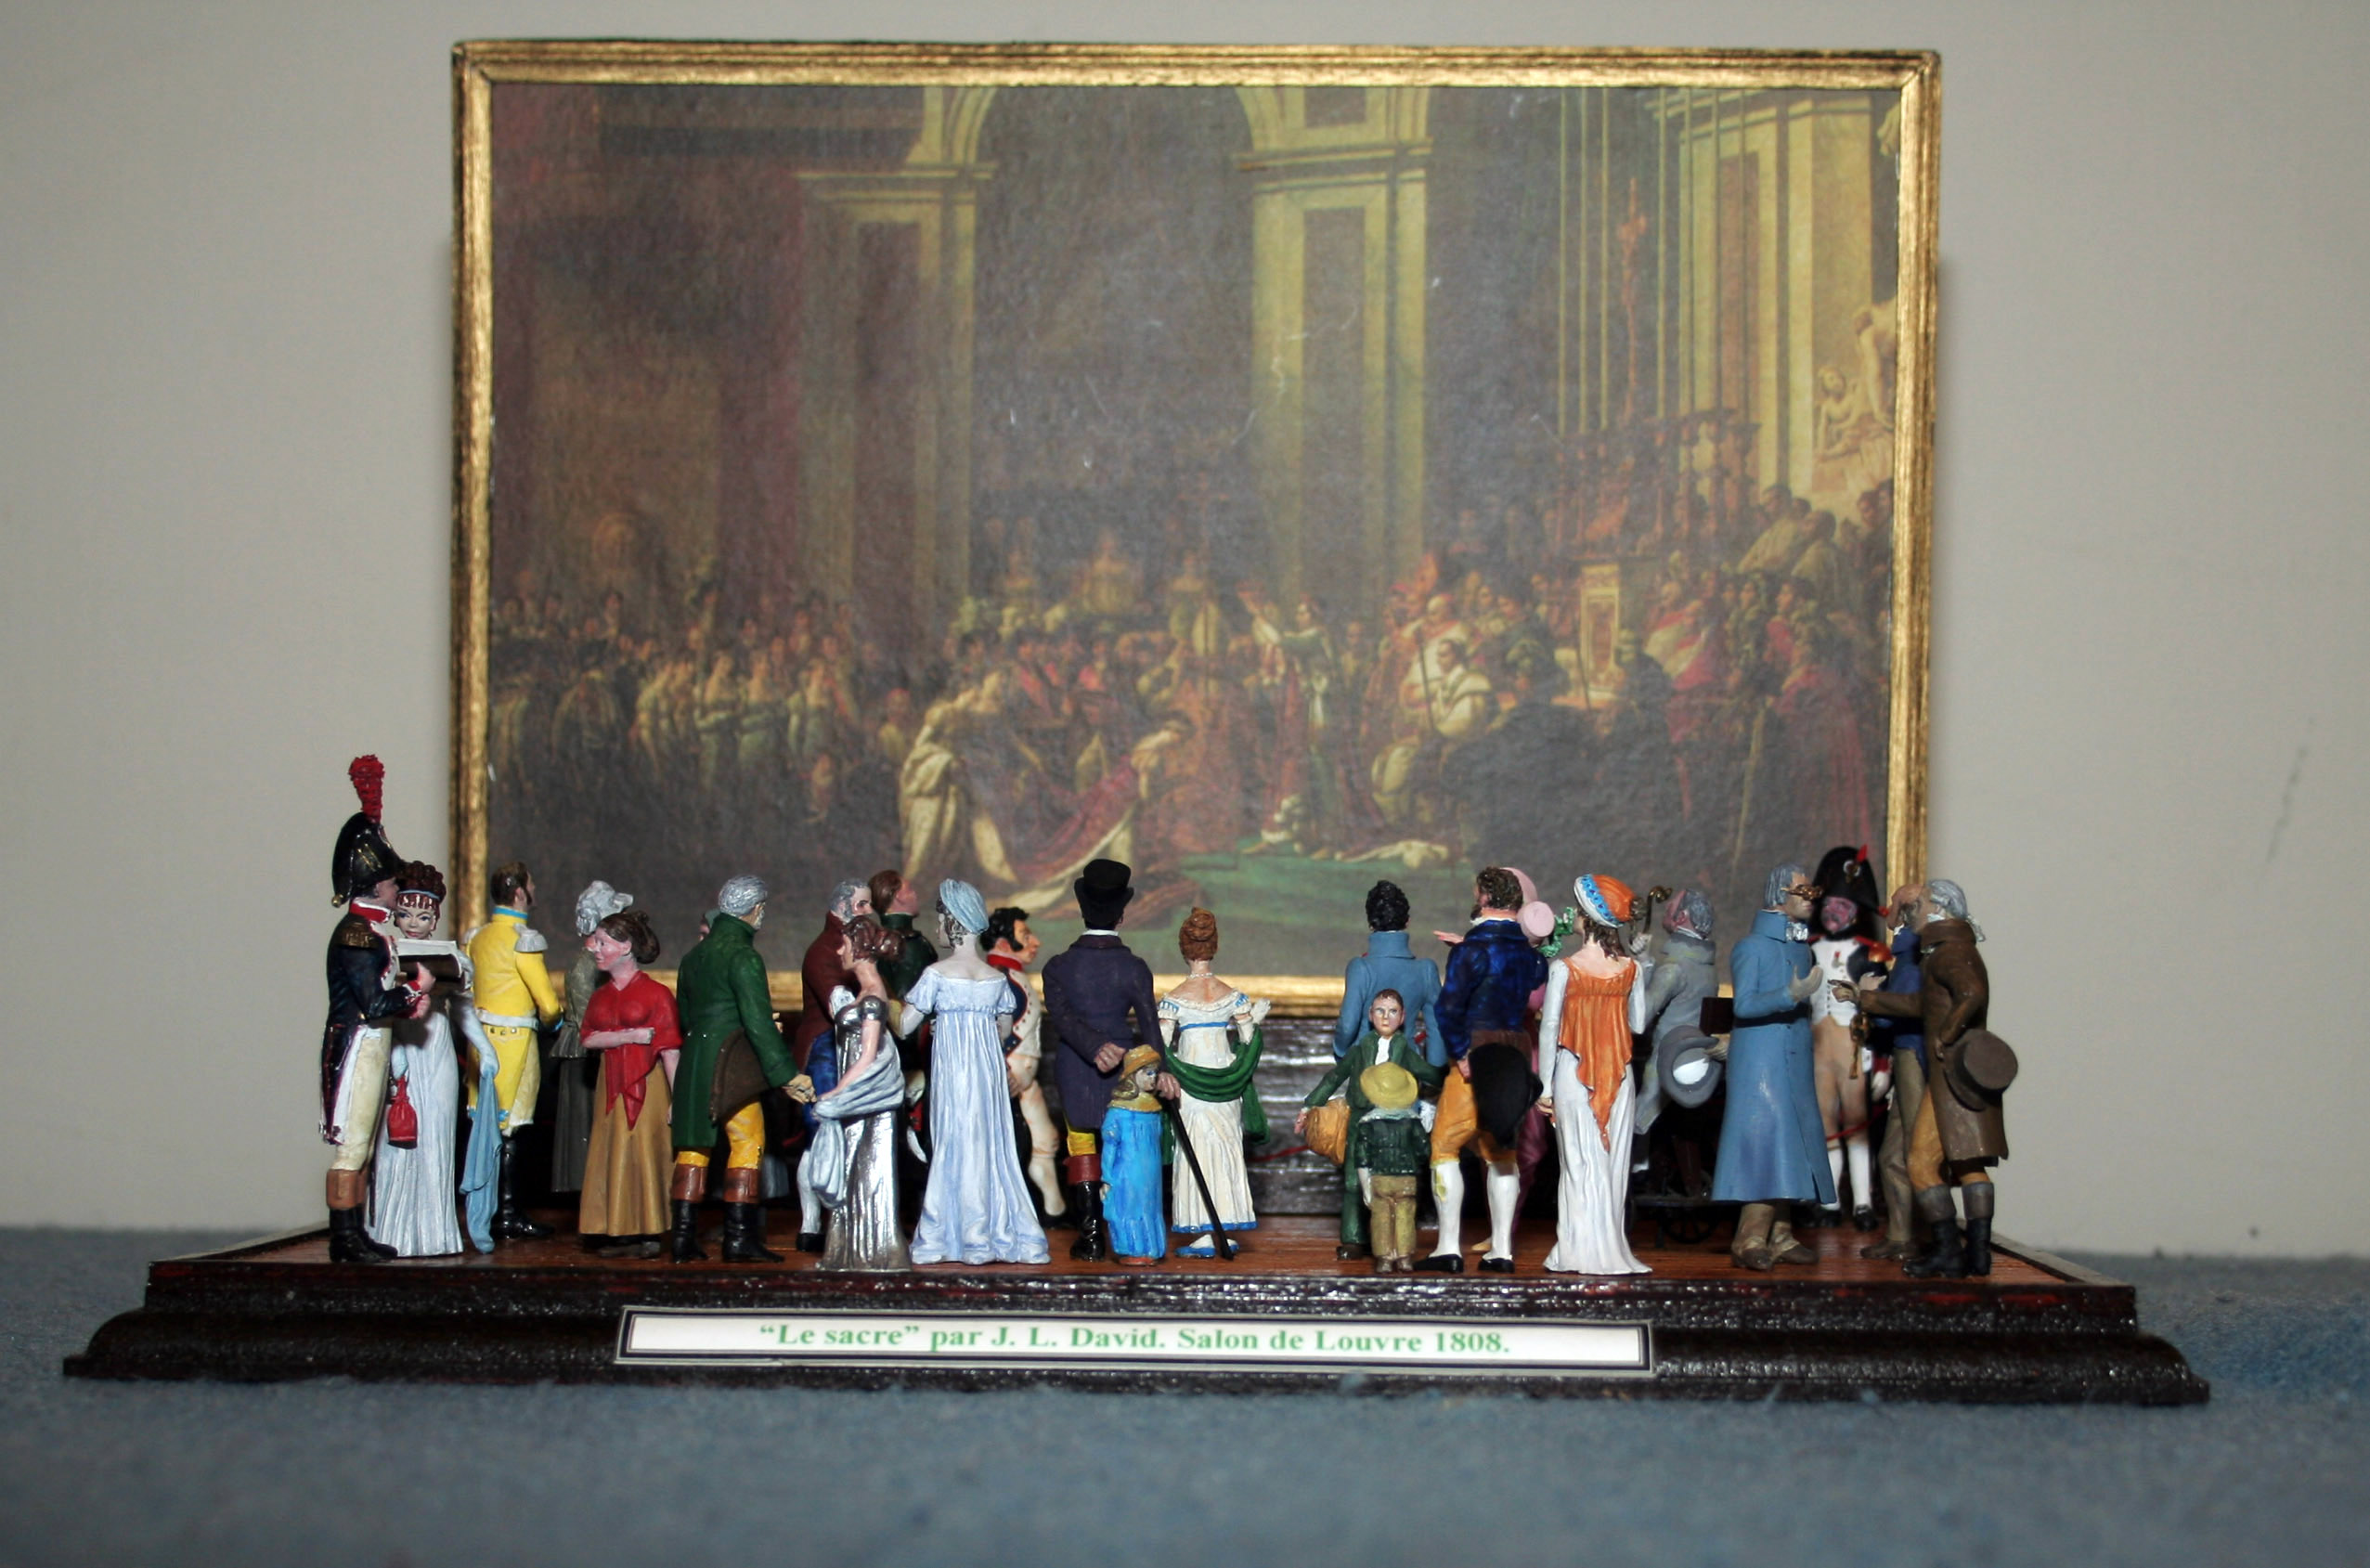 1808-_Le-Sacre_-par-J.L.David-Salon-du-Louvre-2